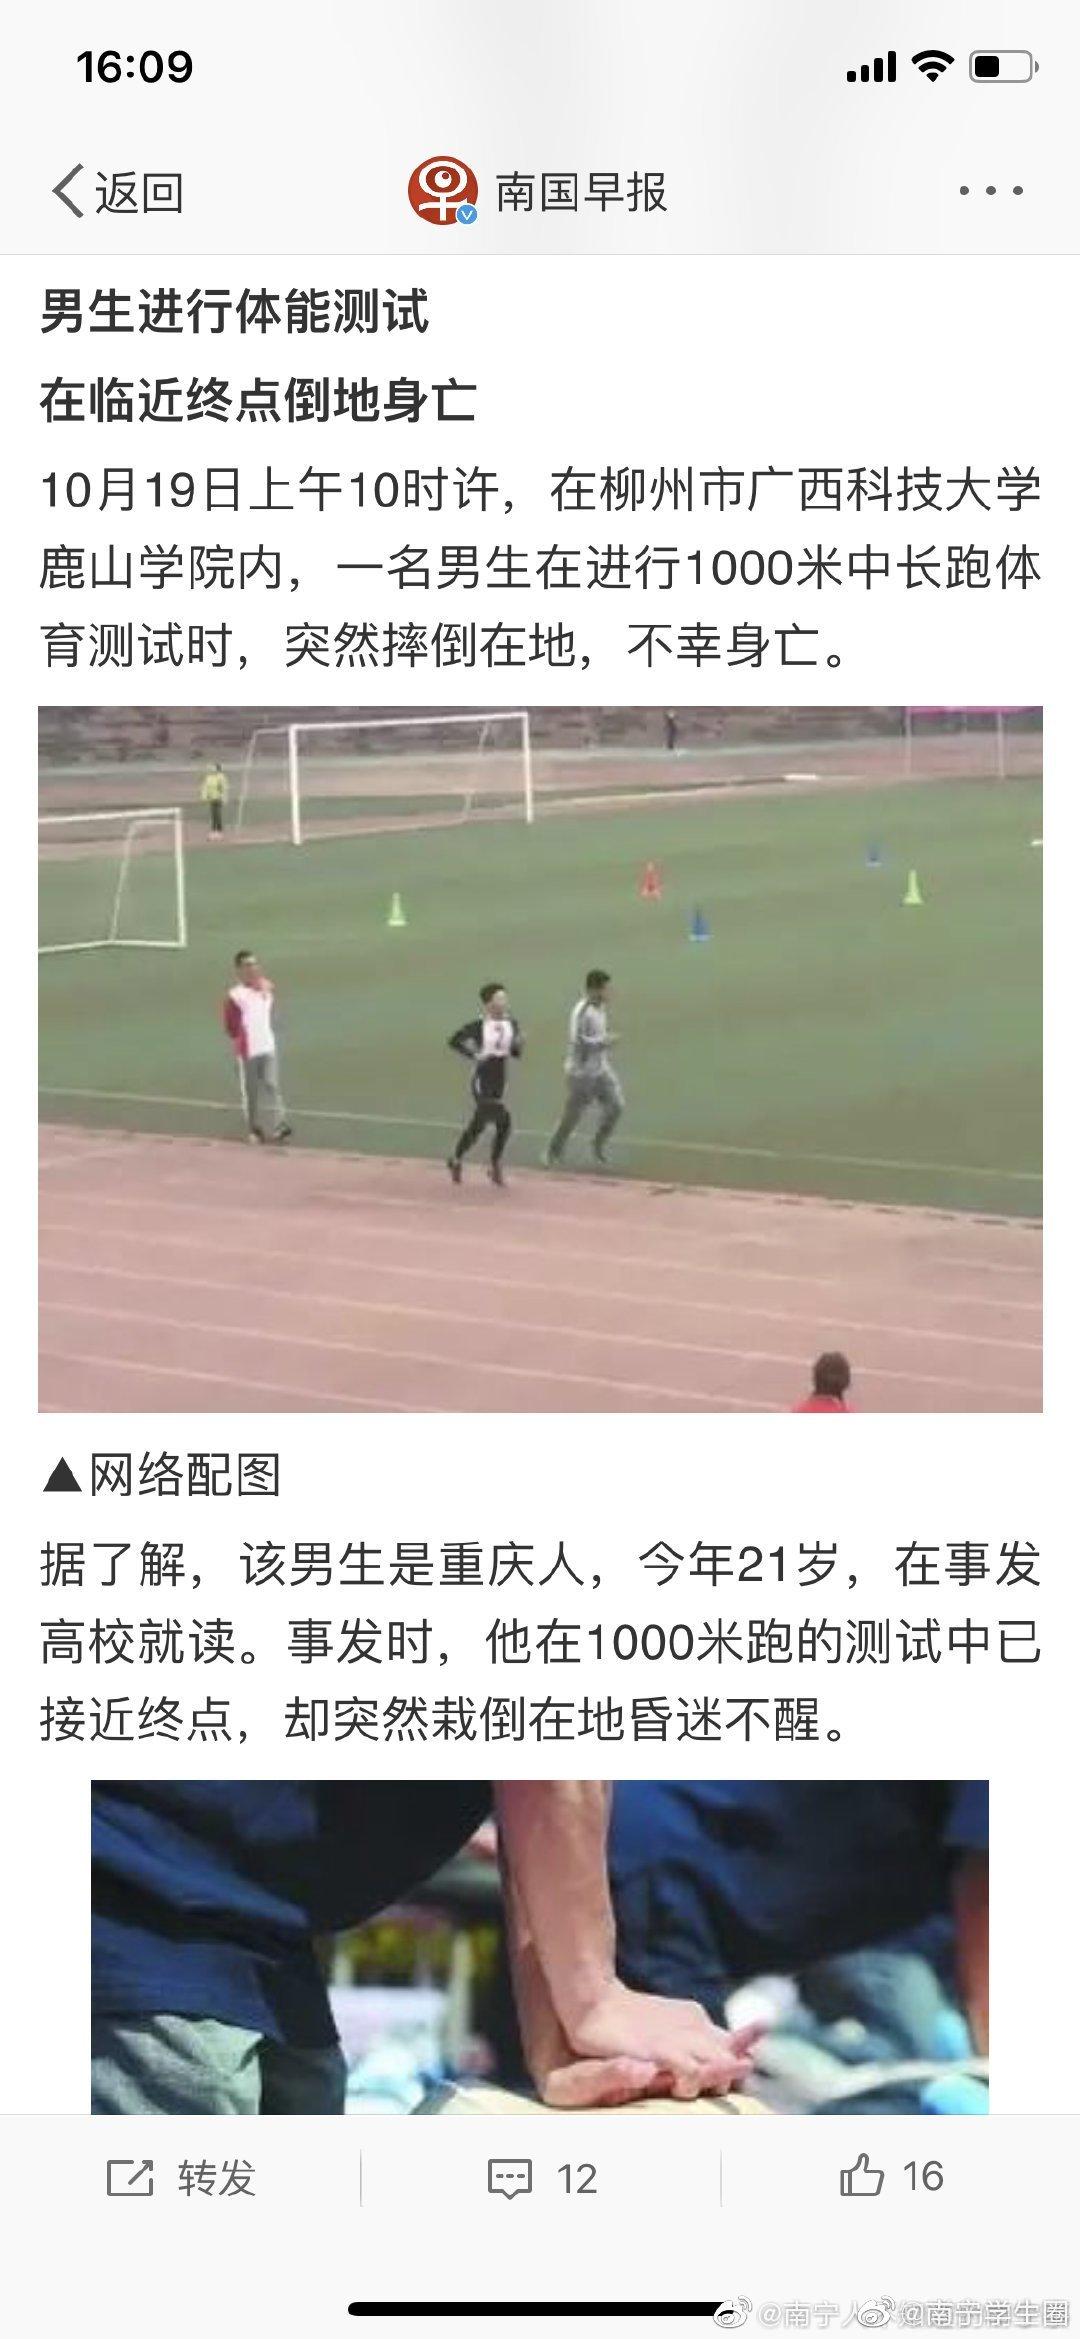 痛心!柳州一高校男生1000米体测,临近终点时摔倒!不幸身亡